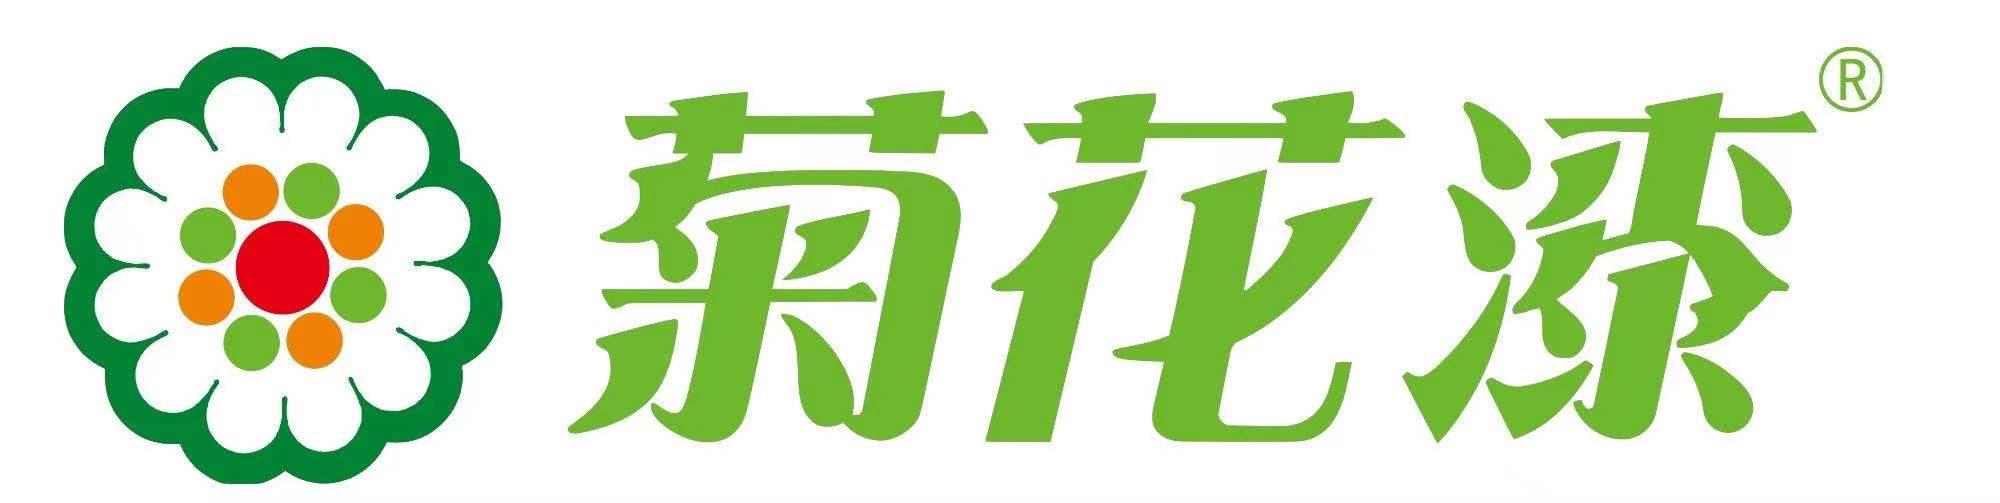 中华制漆(深圳)有限公司